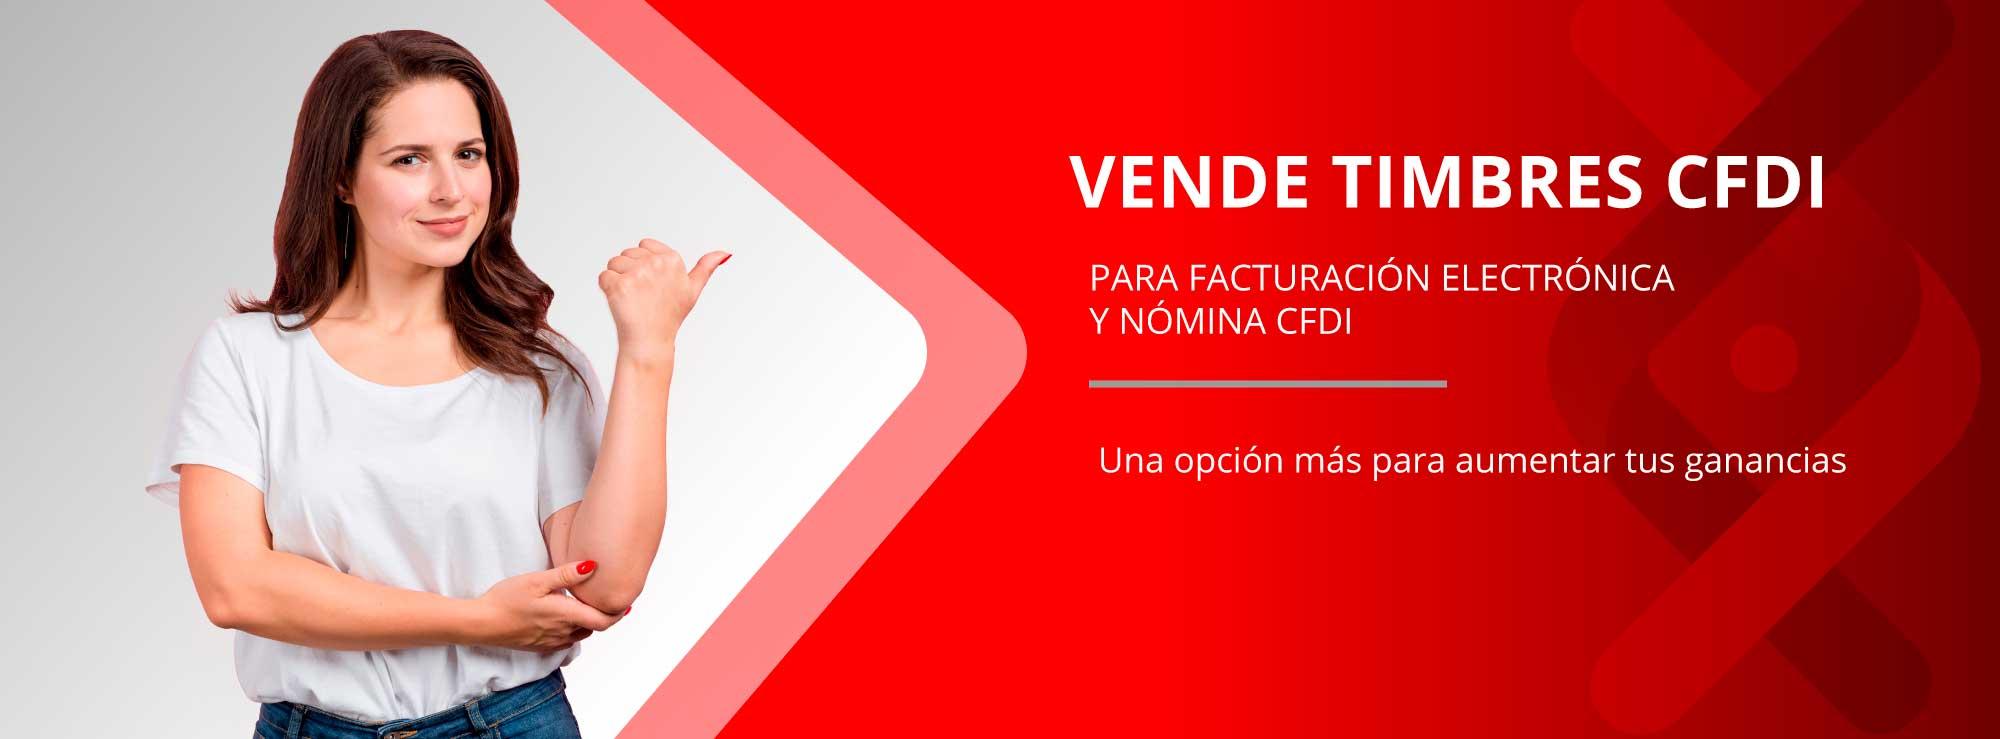 Haz negocio vendiendo folios digitales CFDI, Recibe la comisión adicional del 10% en tiempo aire al vender este producto.